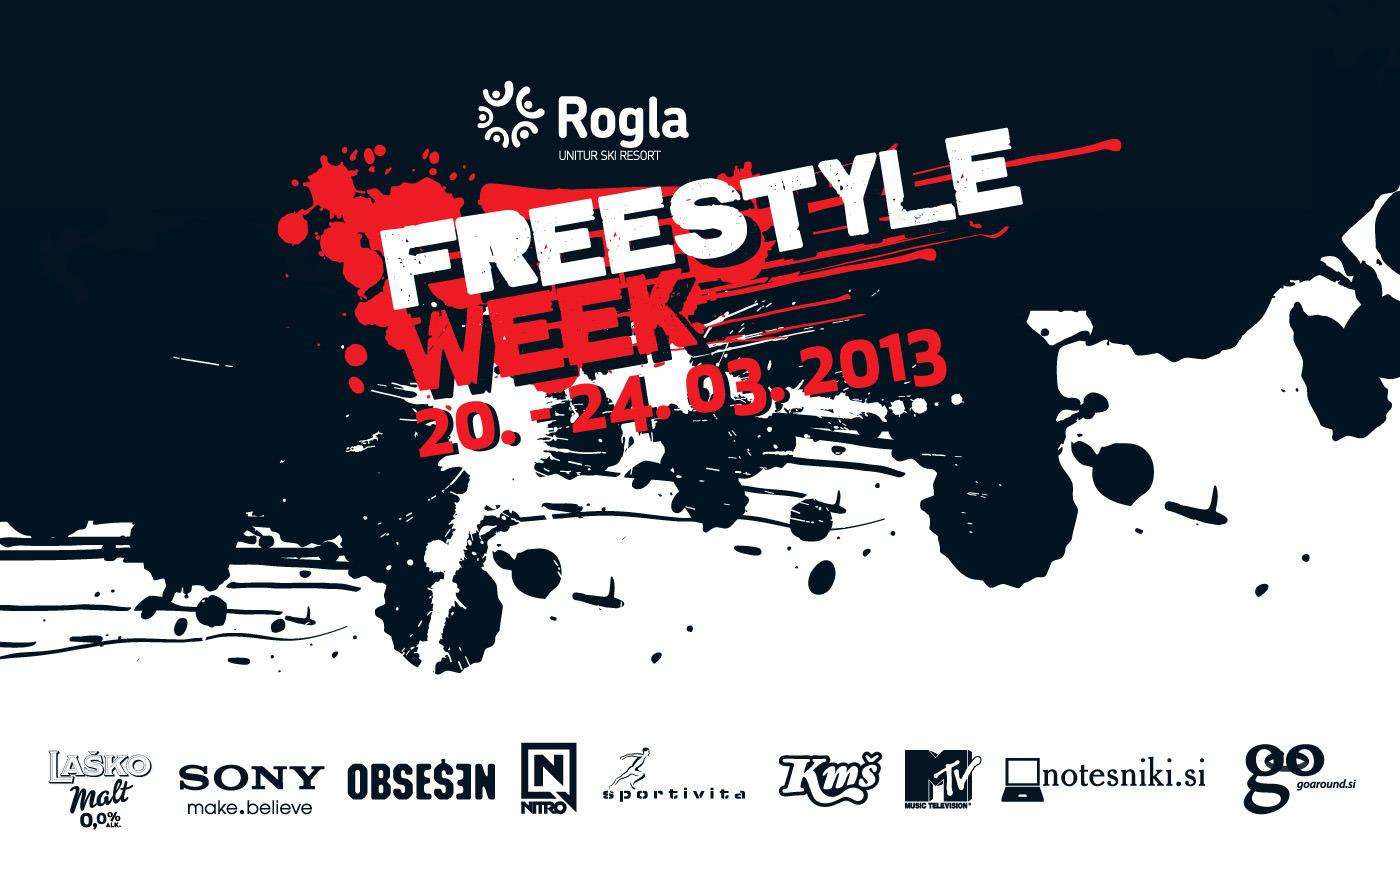 Rogla Freestyle Week 2013